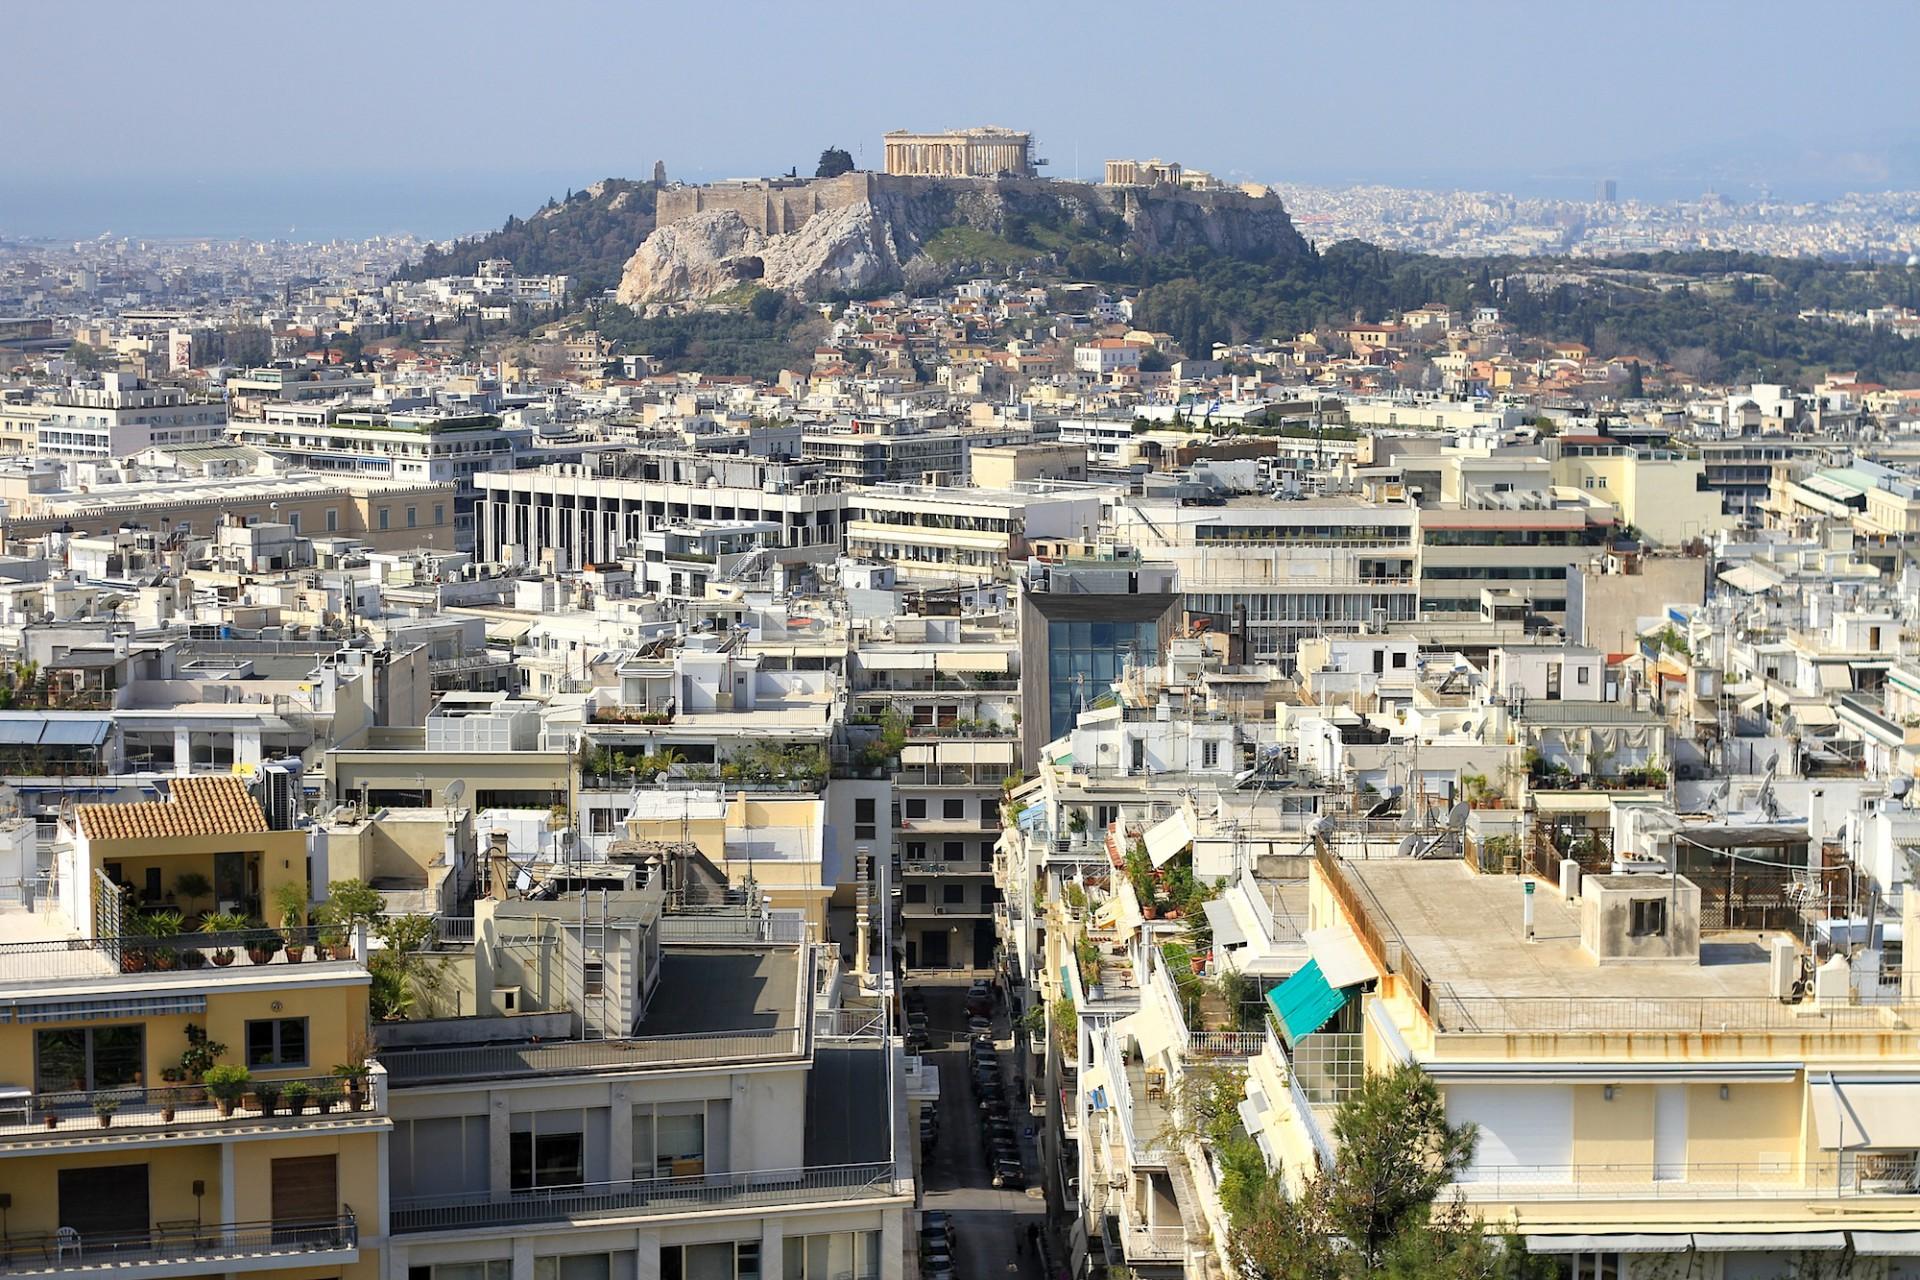 Städtisch.  Zu Fuß vom 277 m hohen Kalksteinfelsen Lykavíttos zur Akropolis sind es 45 bis 60 Minuten. Oder man nimmt die Metrolinie 2 bis zum Bahnhof Akropolis.